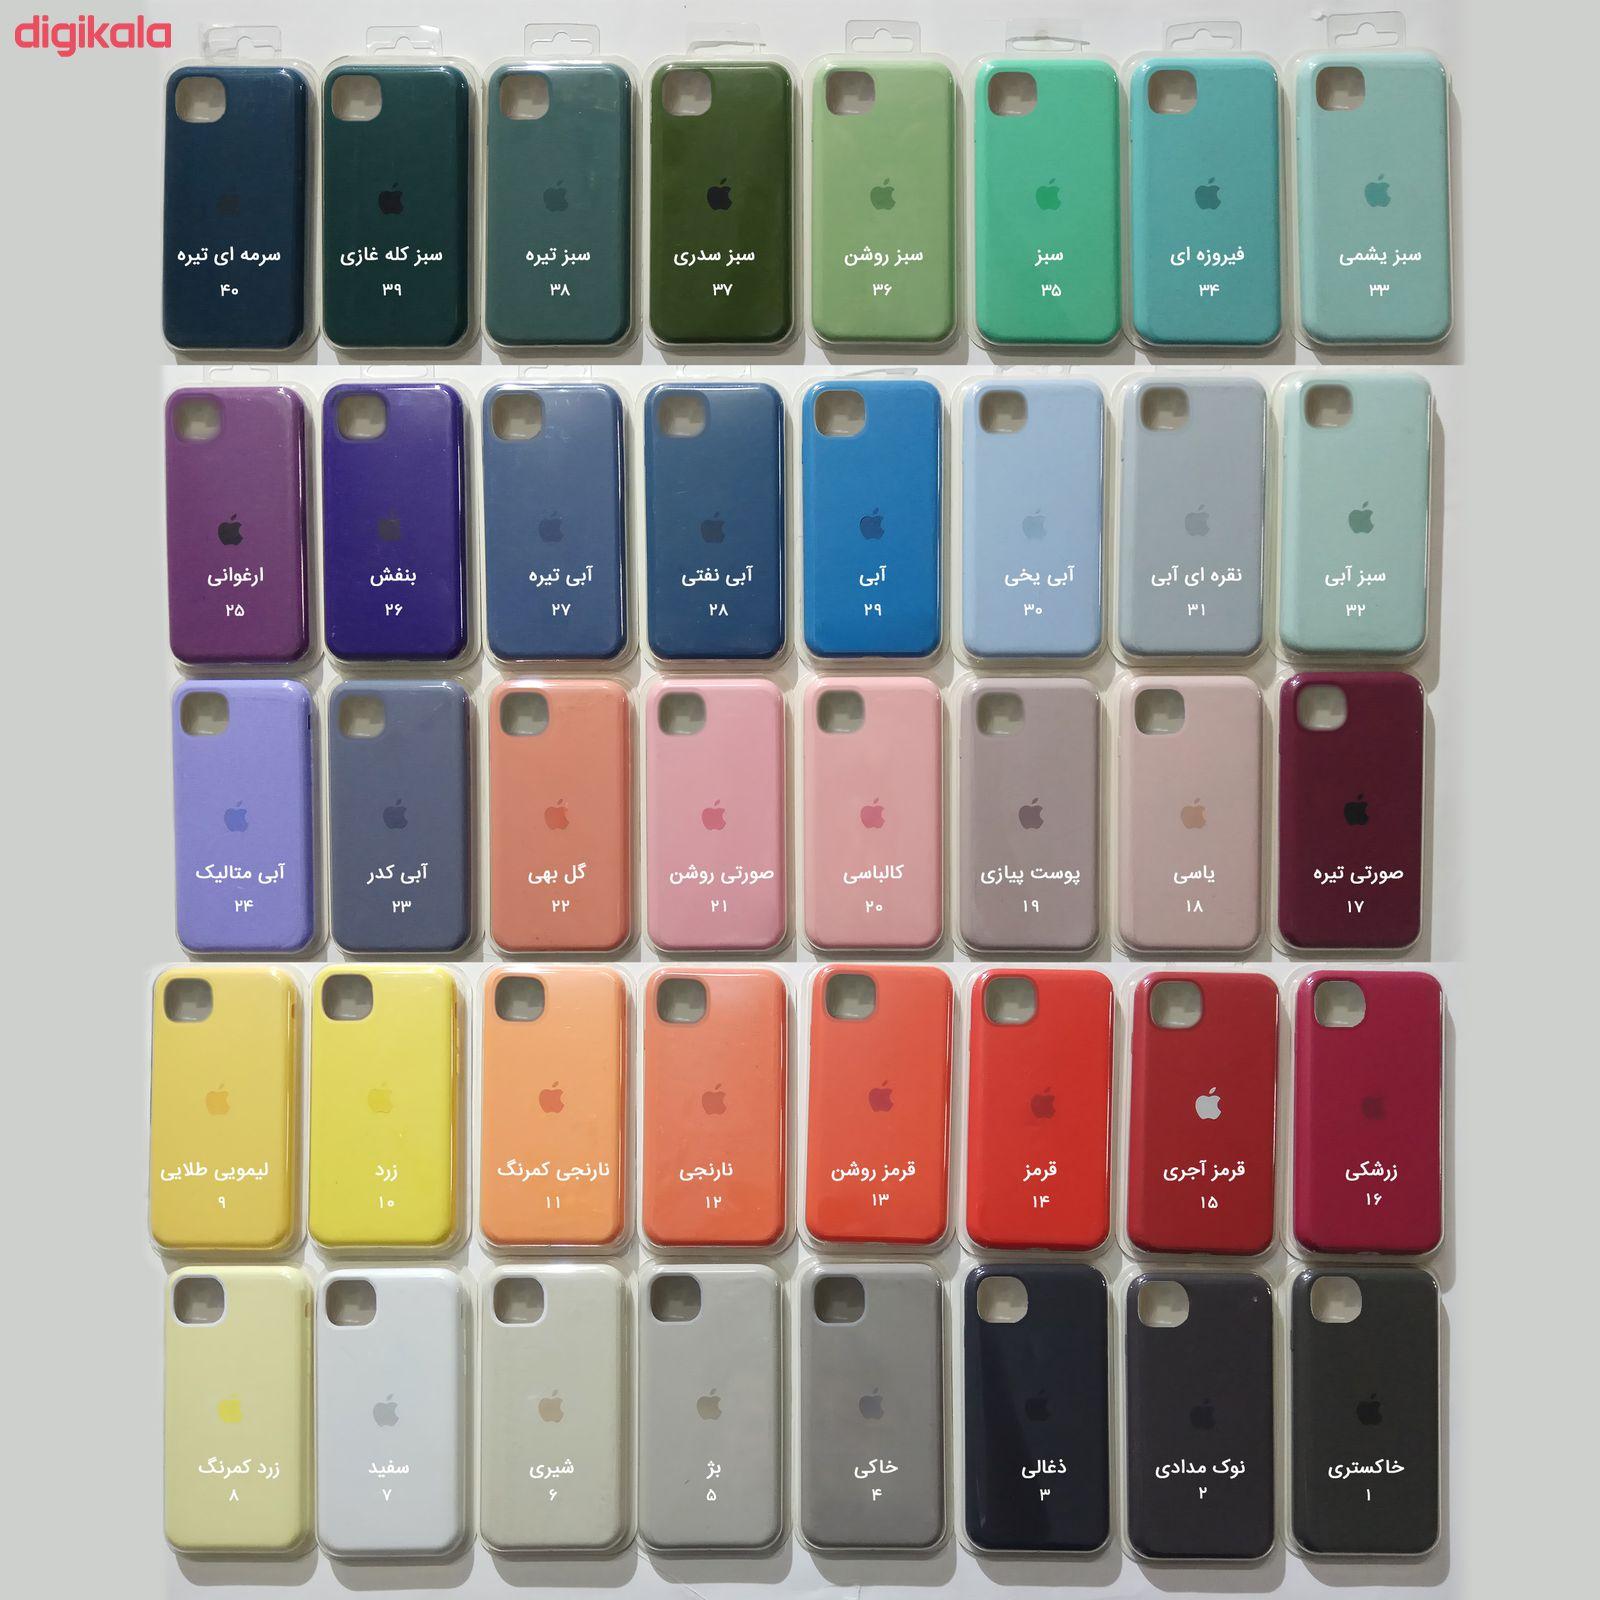 کاور وی کیس مدل Si01 مناسب برای گوشی موبایل اپل iPhone 11 main 1 2